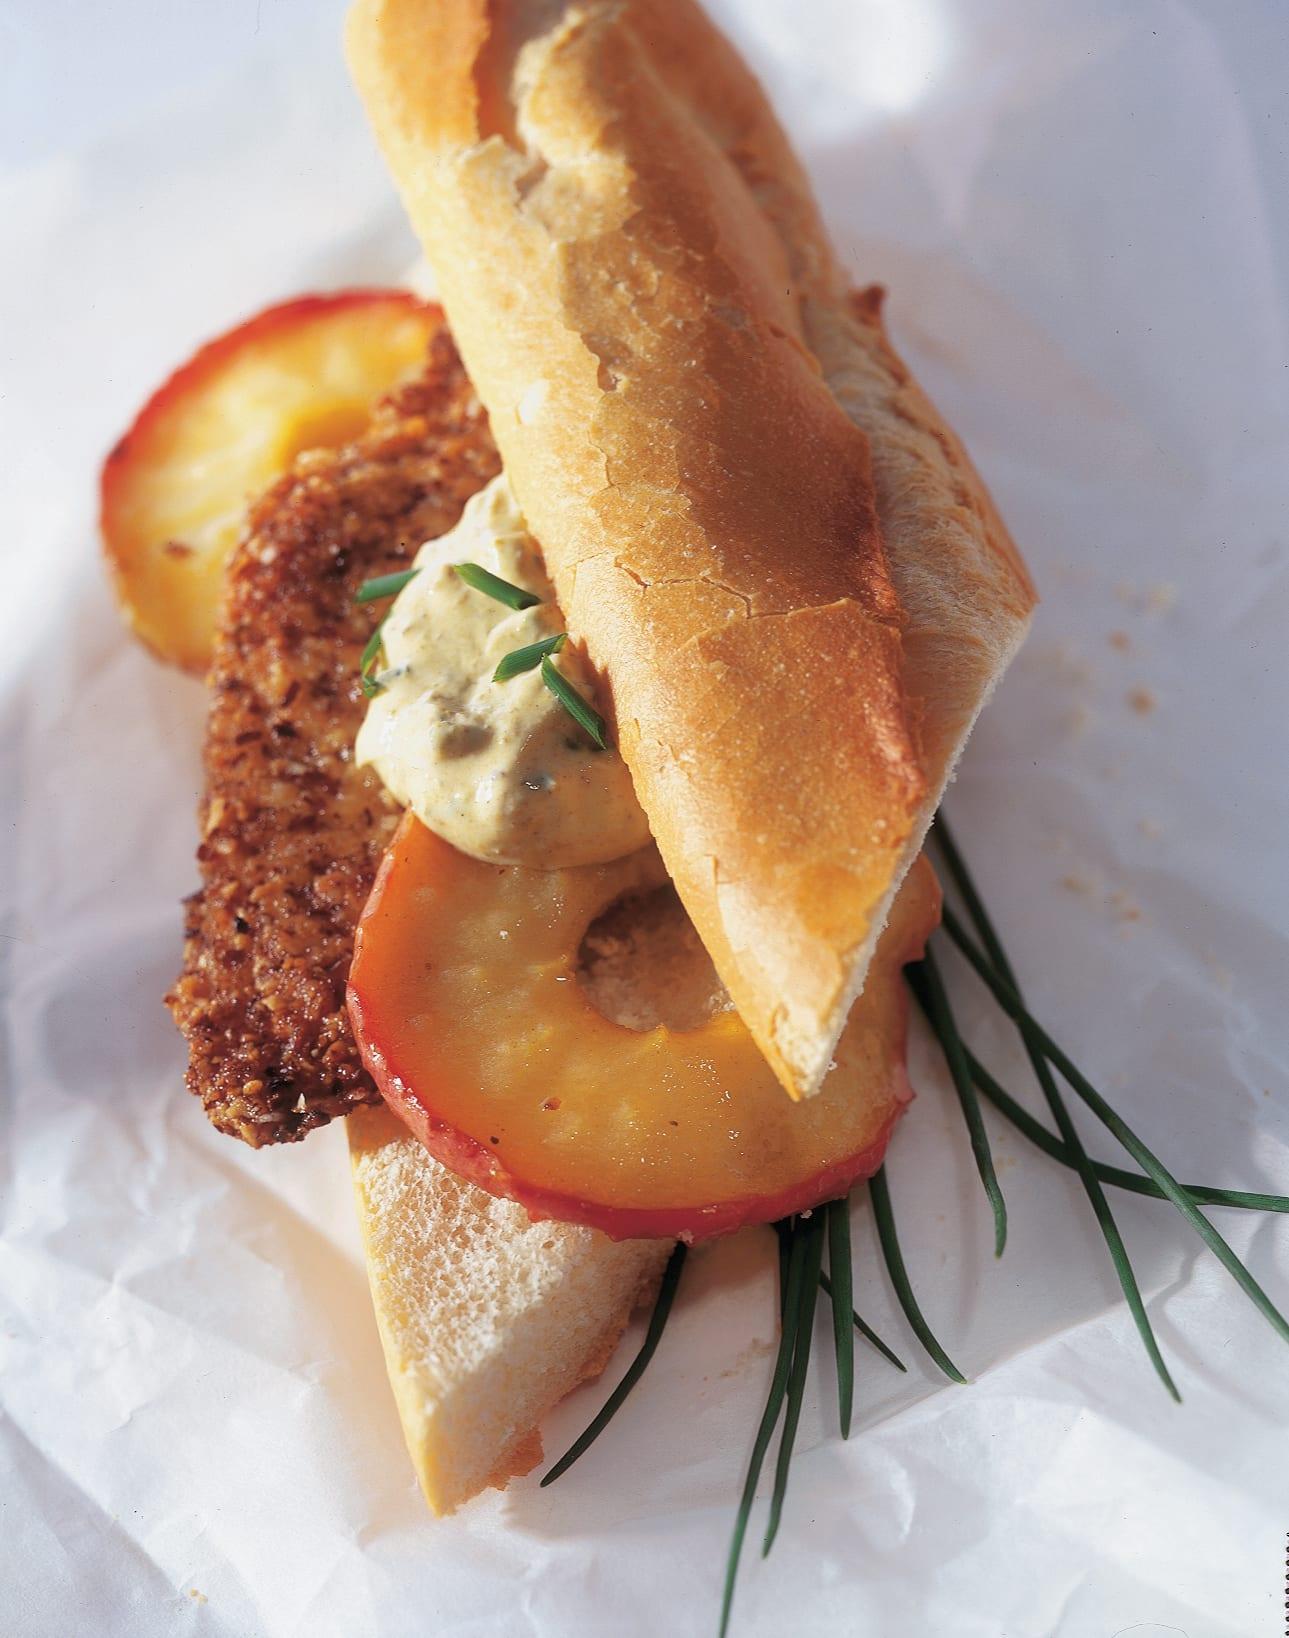 Sandwich mit Nuss-Poulet